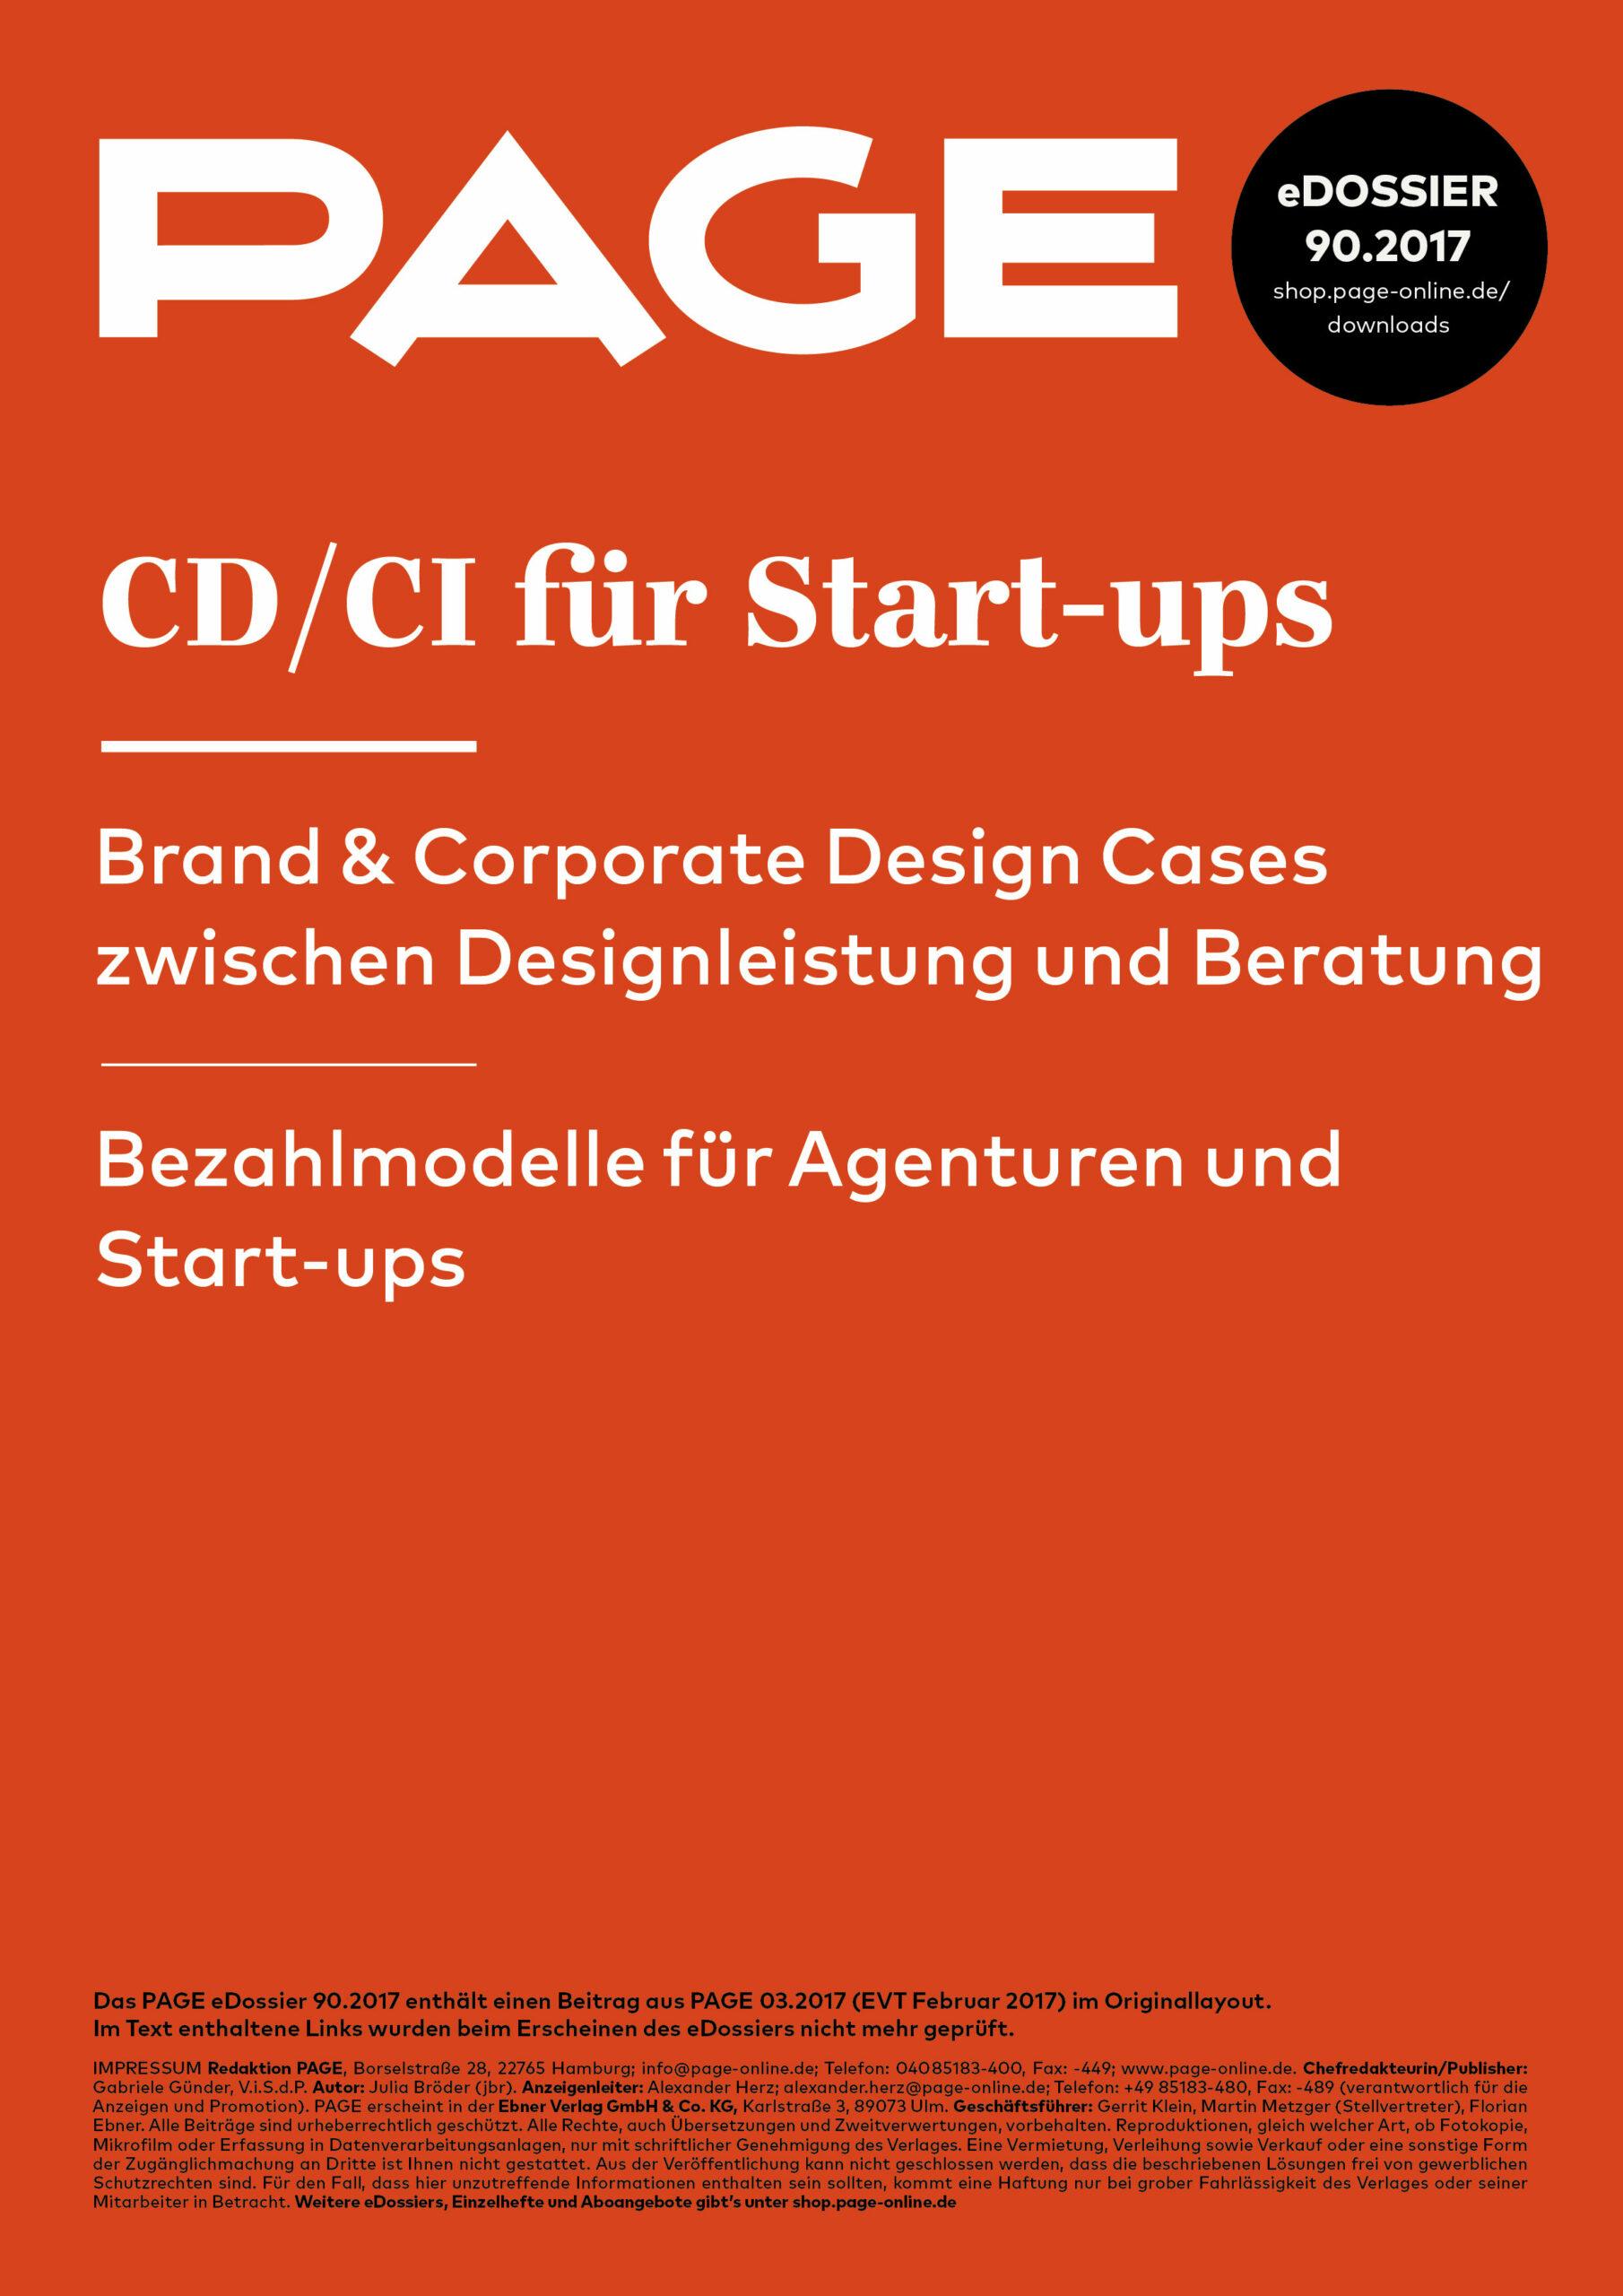 Produkt: eDossier »CD/CI für Start-ups«